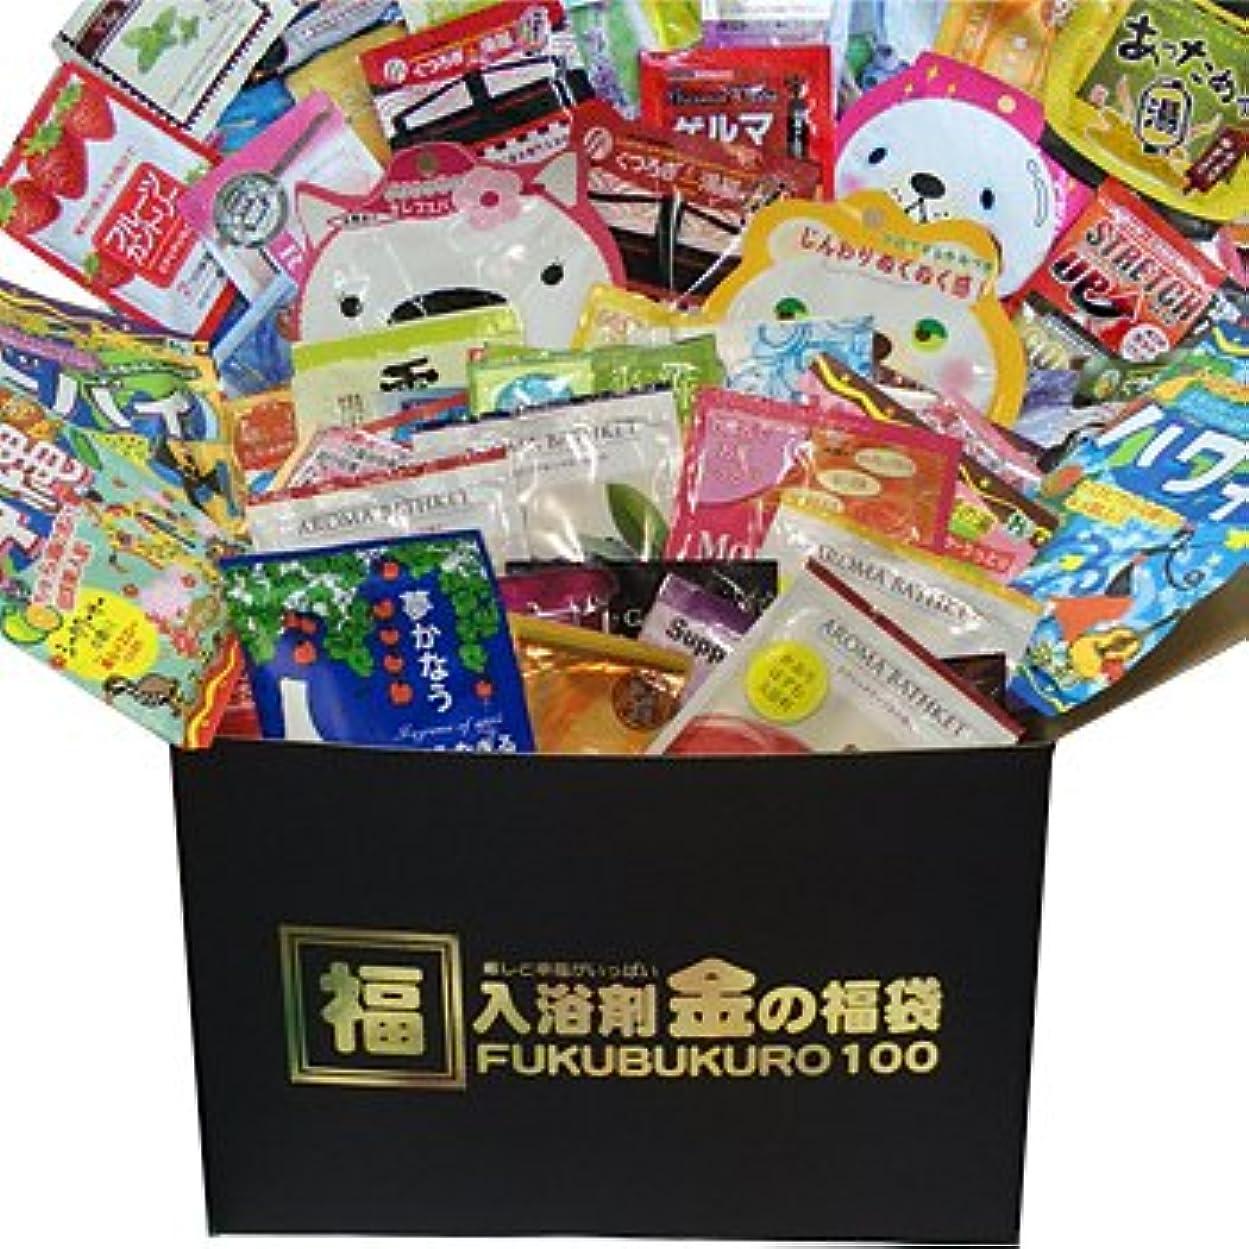 マリナーもろい袋金の! 【入浴剤 福袋】100個 安心の日本製!入浴剤福袋/入浴剤 福袋/ギフト